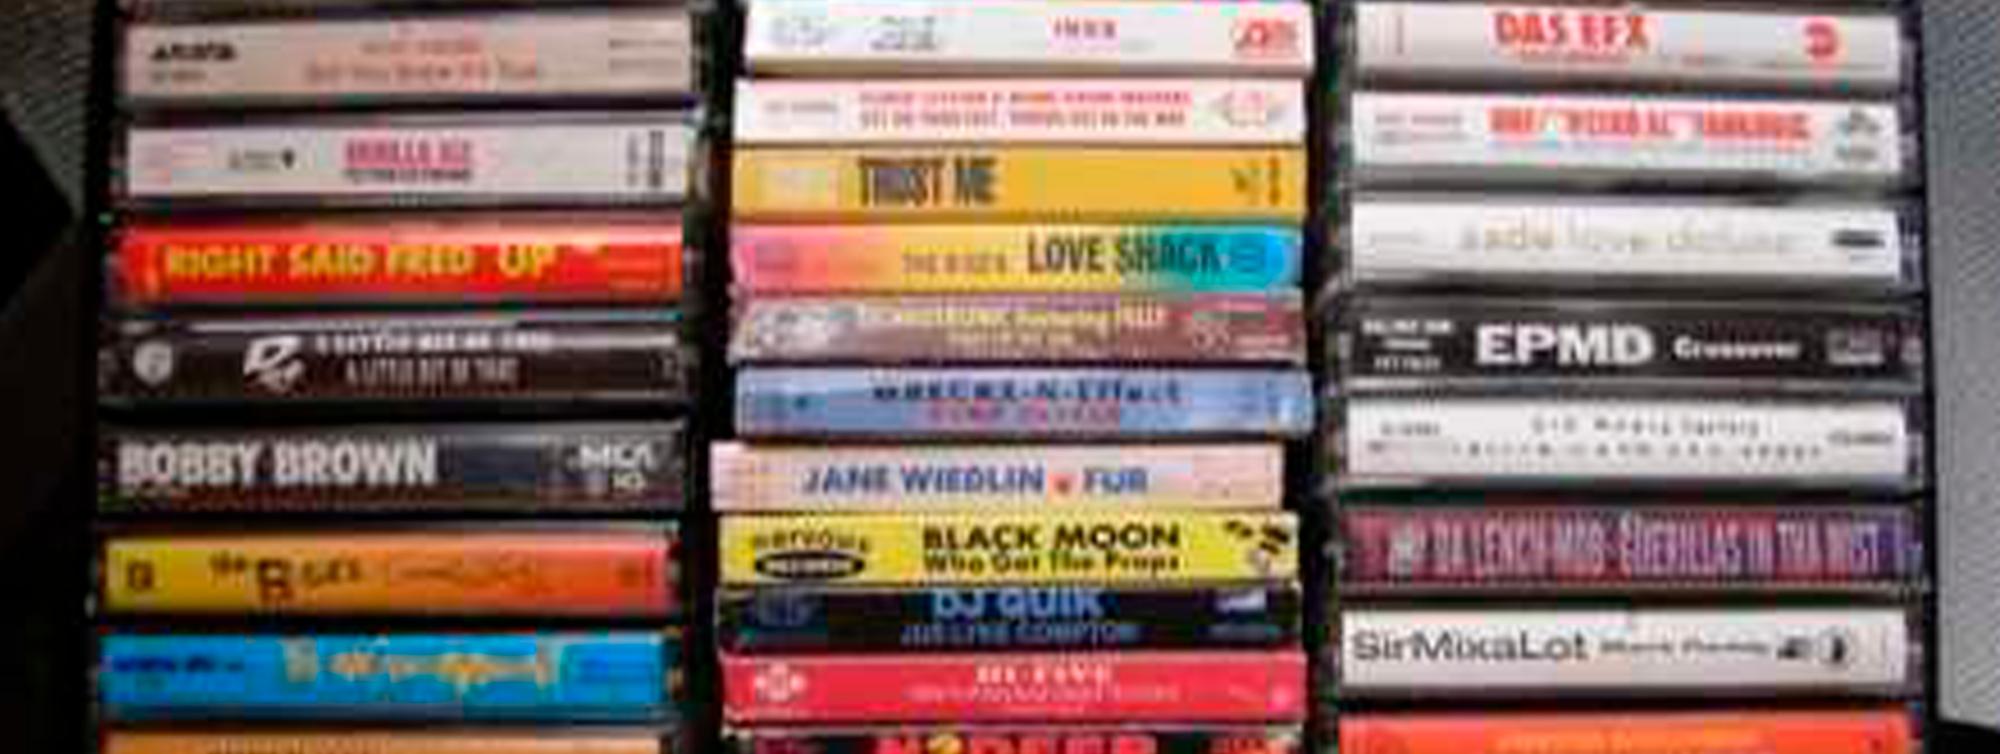 cintas y cassettes perabeat